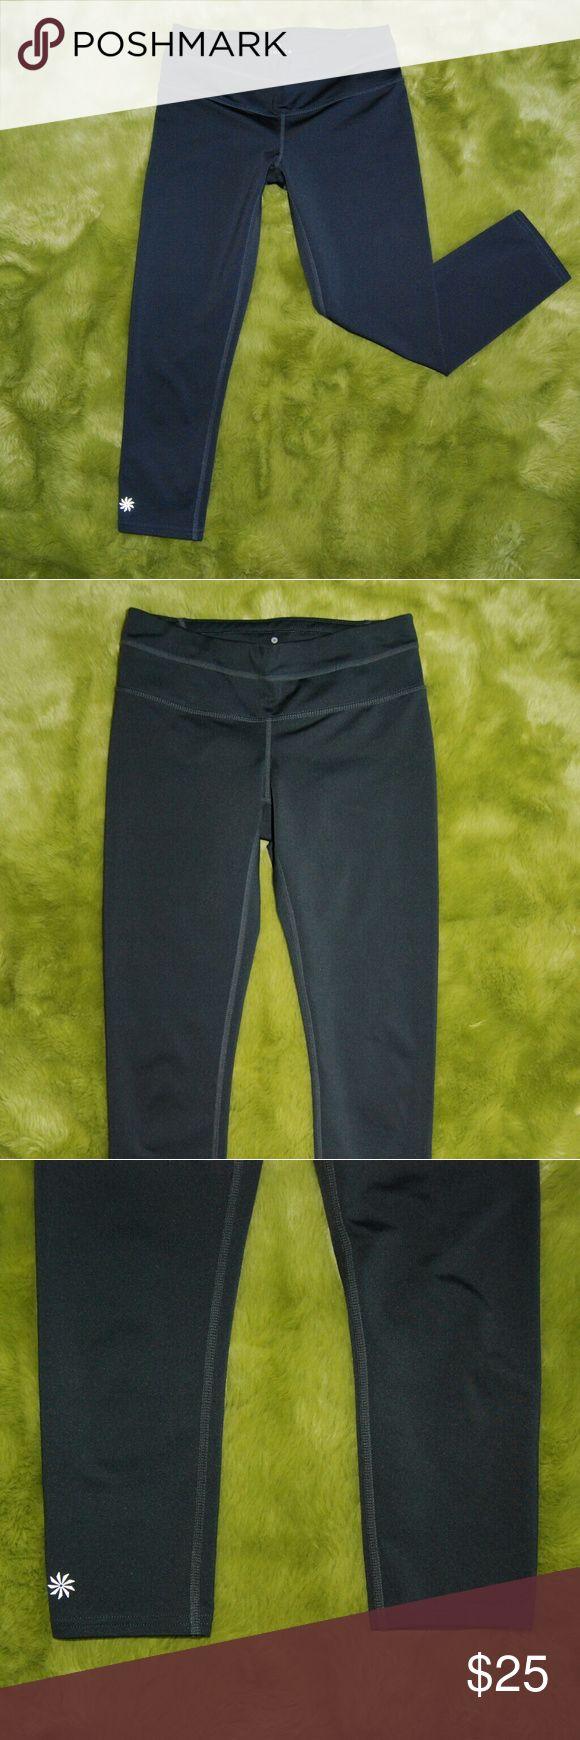 """Athleta Gray Athletic Capri Yoga Pants XS Excellent condition Length 27"""" Waist 12.5"""" Rise 6.5"""" Athleta Pants Capris"""